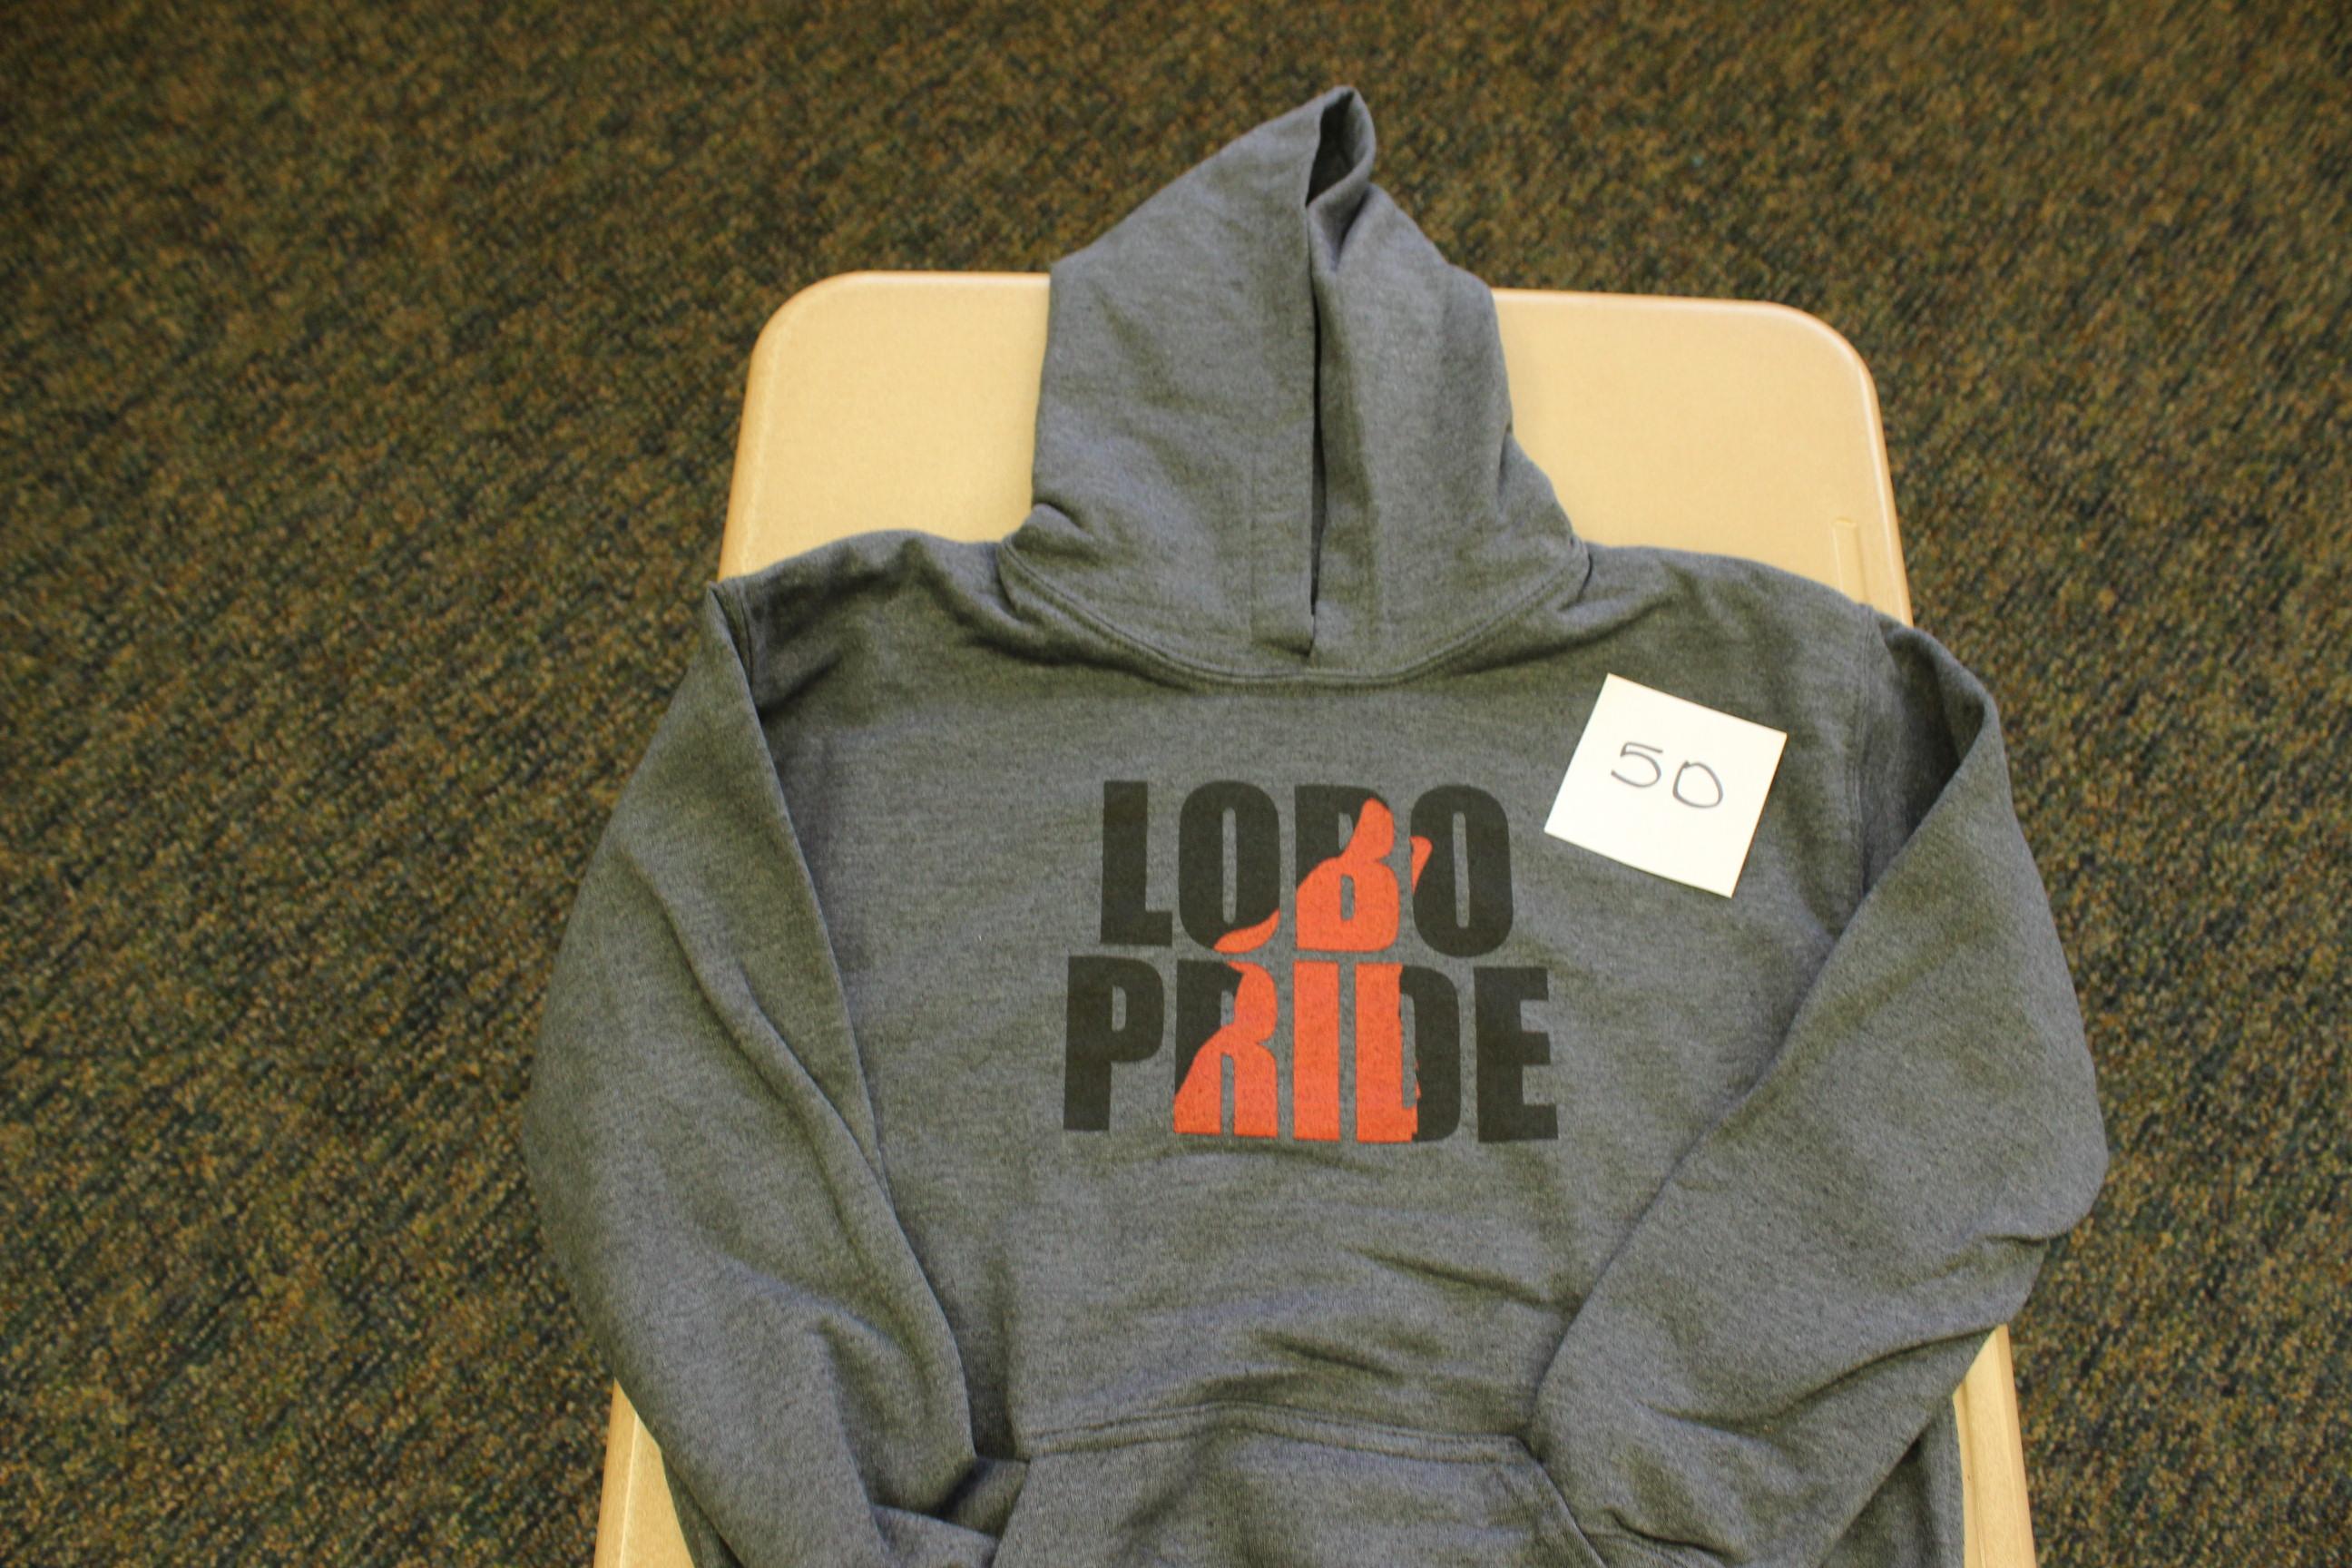 50 Paws Lobos Pride Hoodie